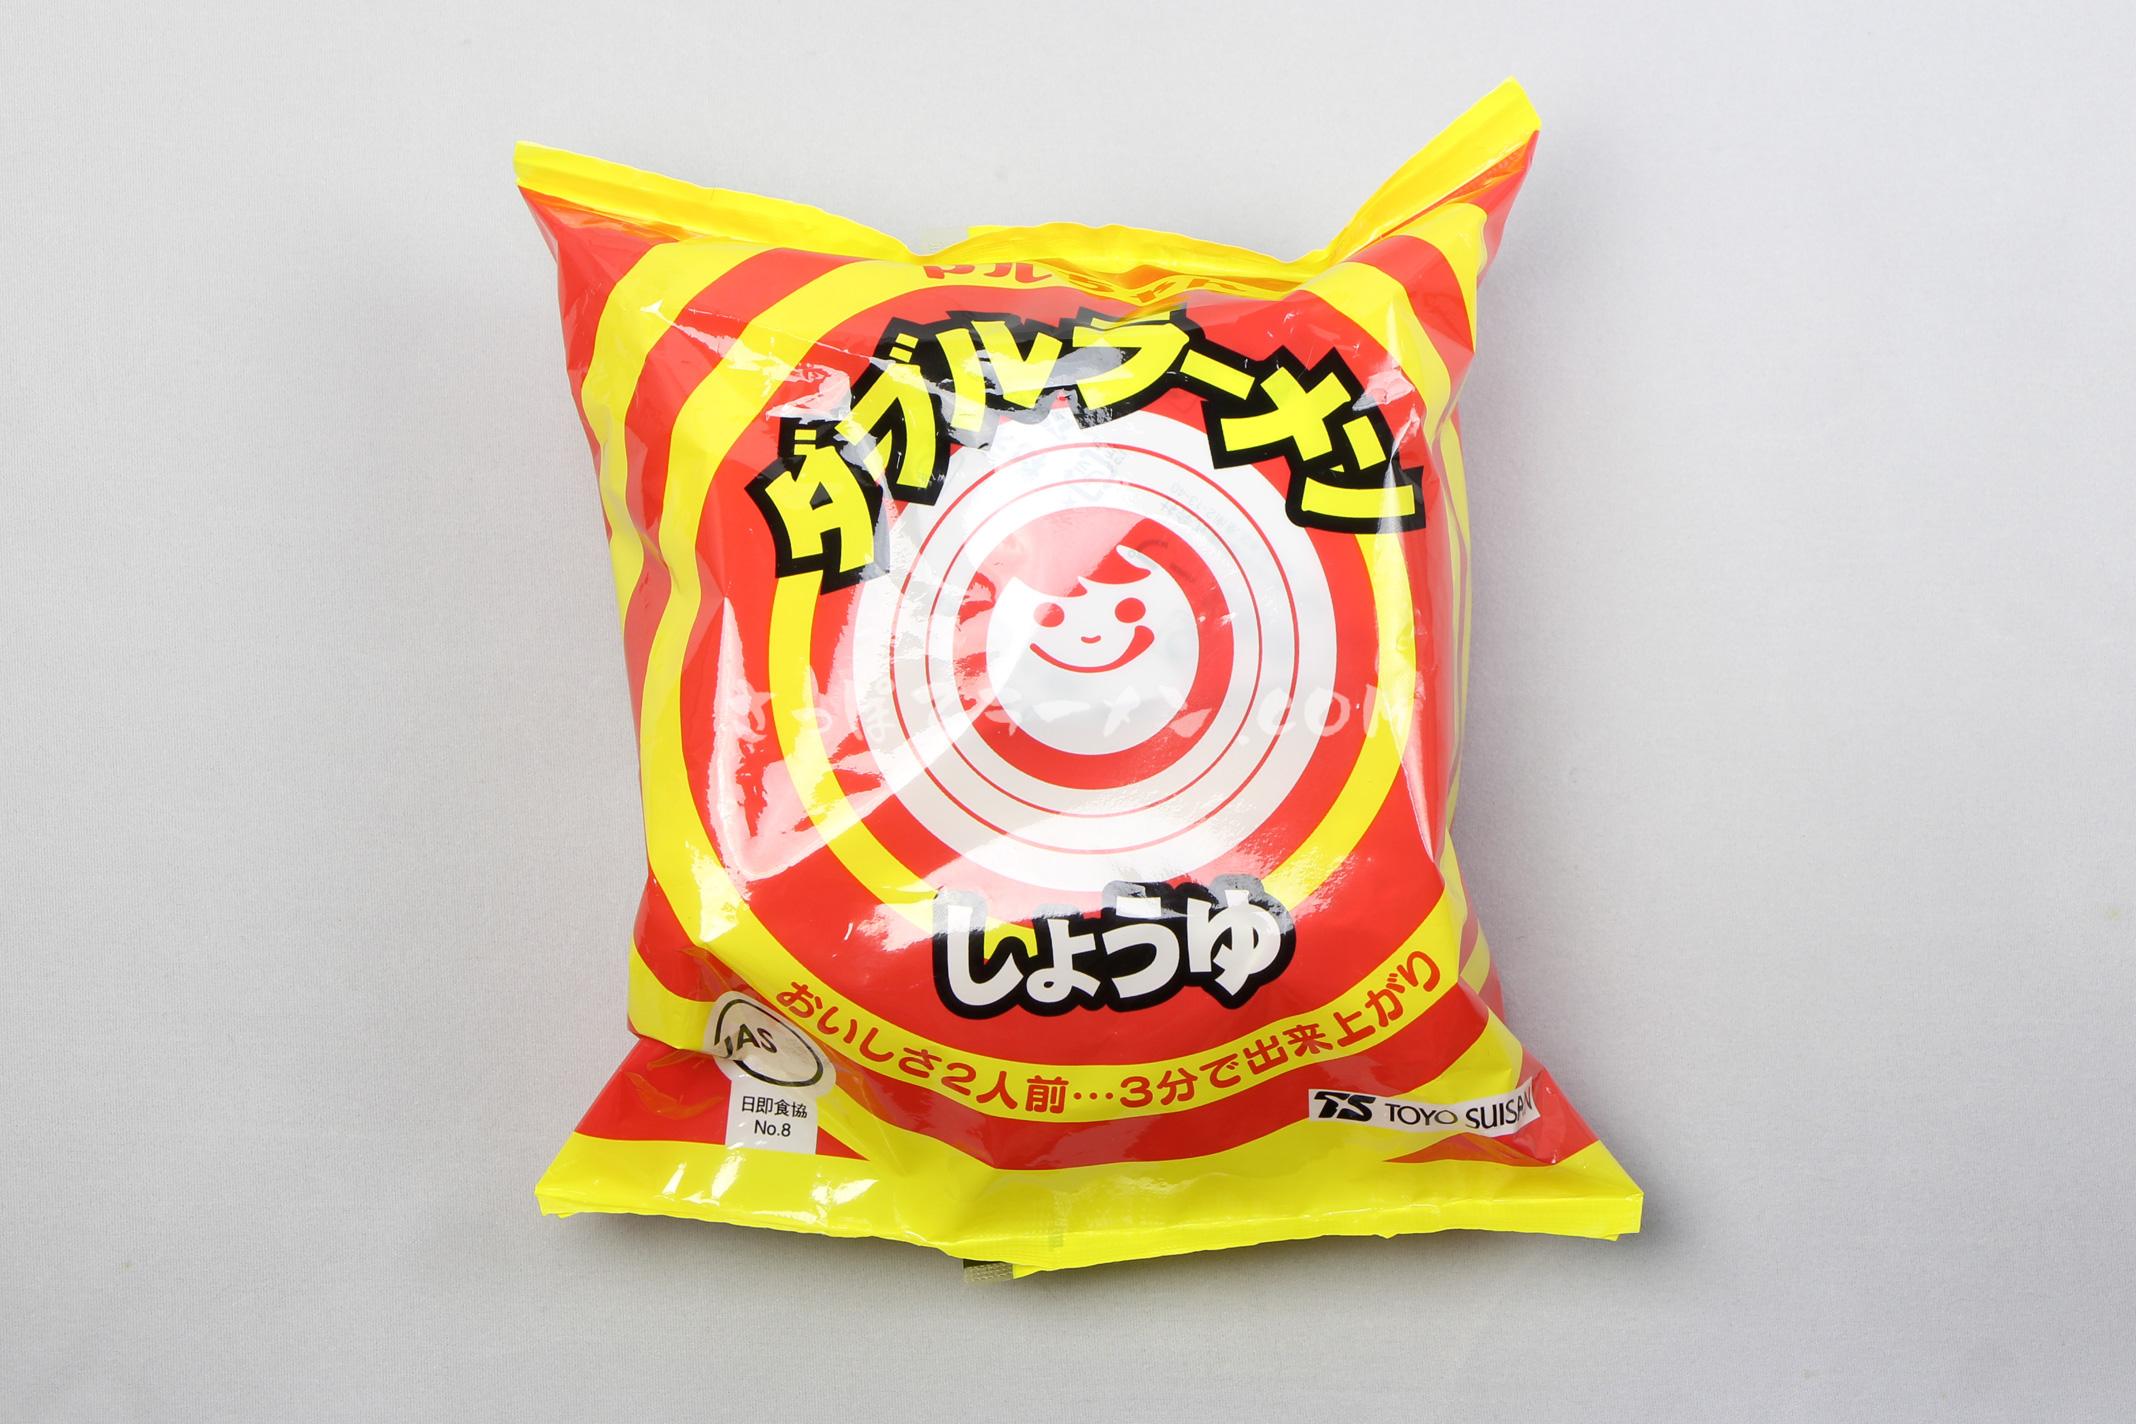 「ダブルラーメン しょうゆ」(東洋水産株式会社)のパッケージ(表)